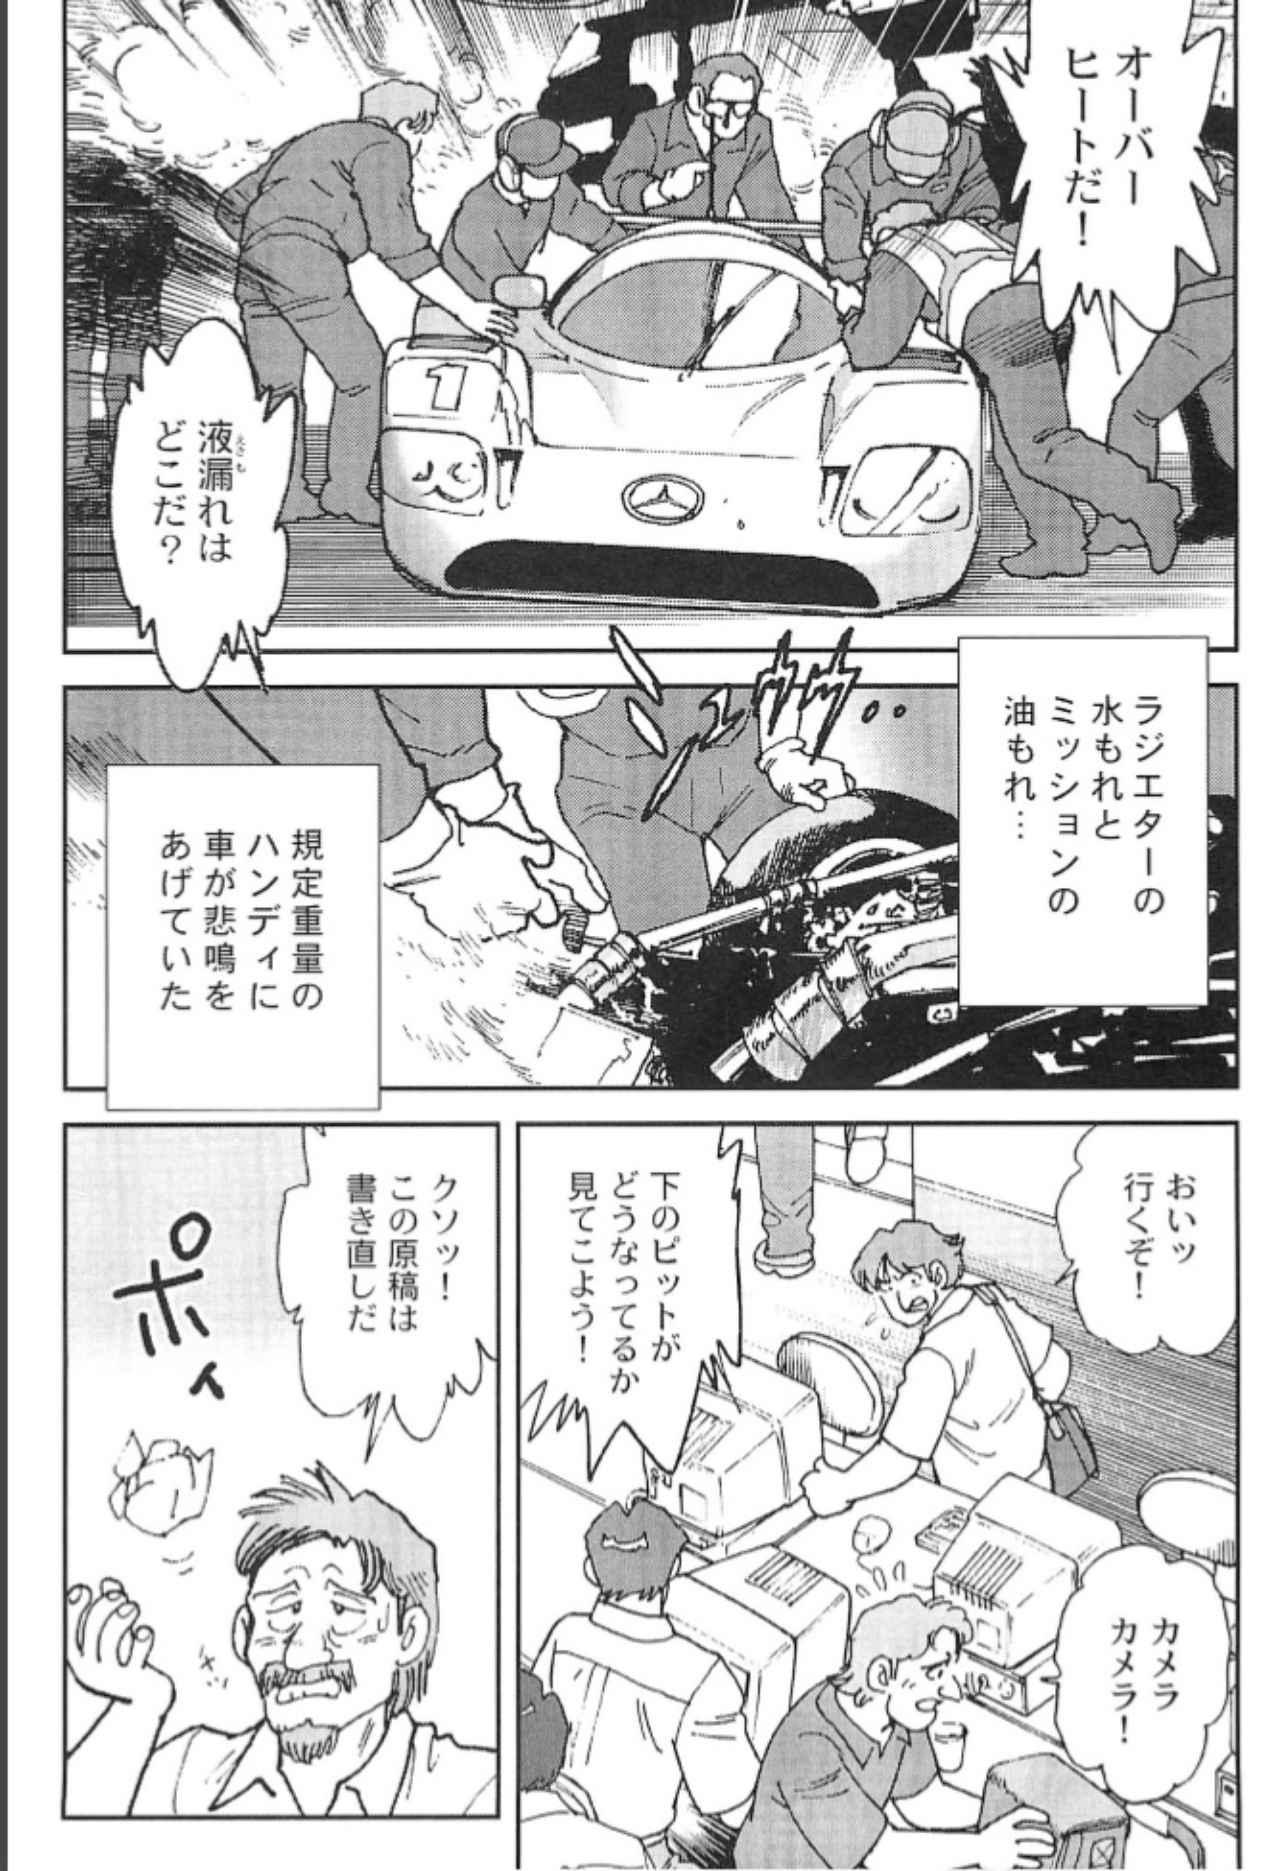 画像5: (夢を継ぐもの~ロータリー・エンジン開発物語@モーターマガジン社) blogs.yahoo.co.jp